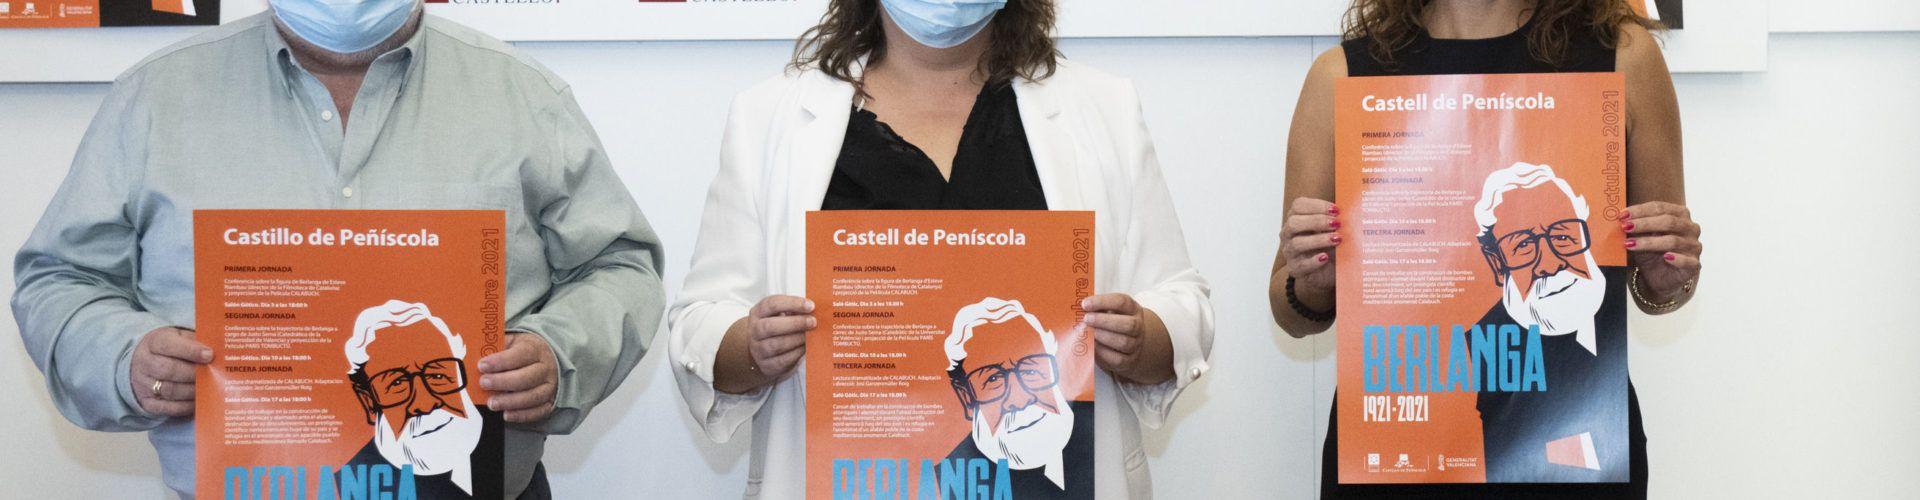 La Diputació trasllada al castell de Peníscola les activitats de l''Any Berlanga' a la província